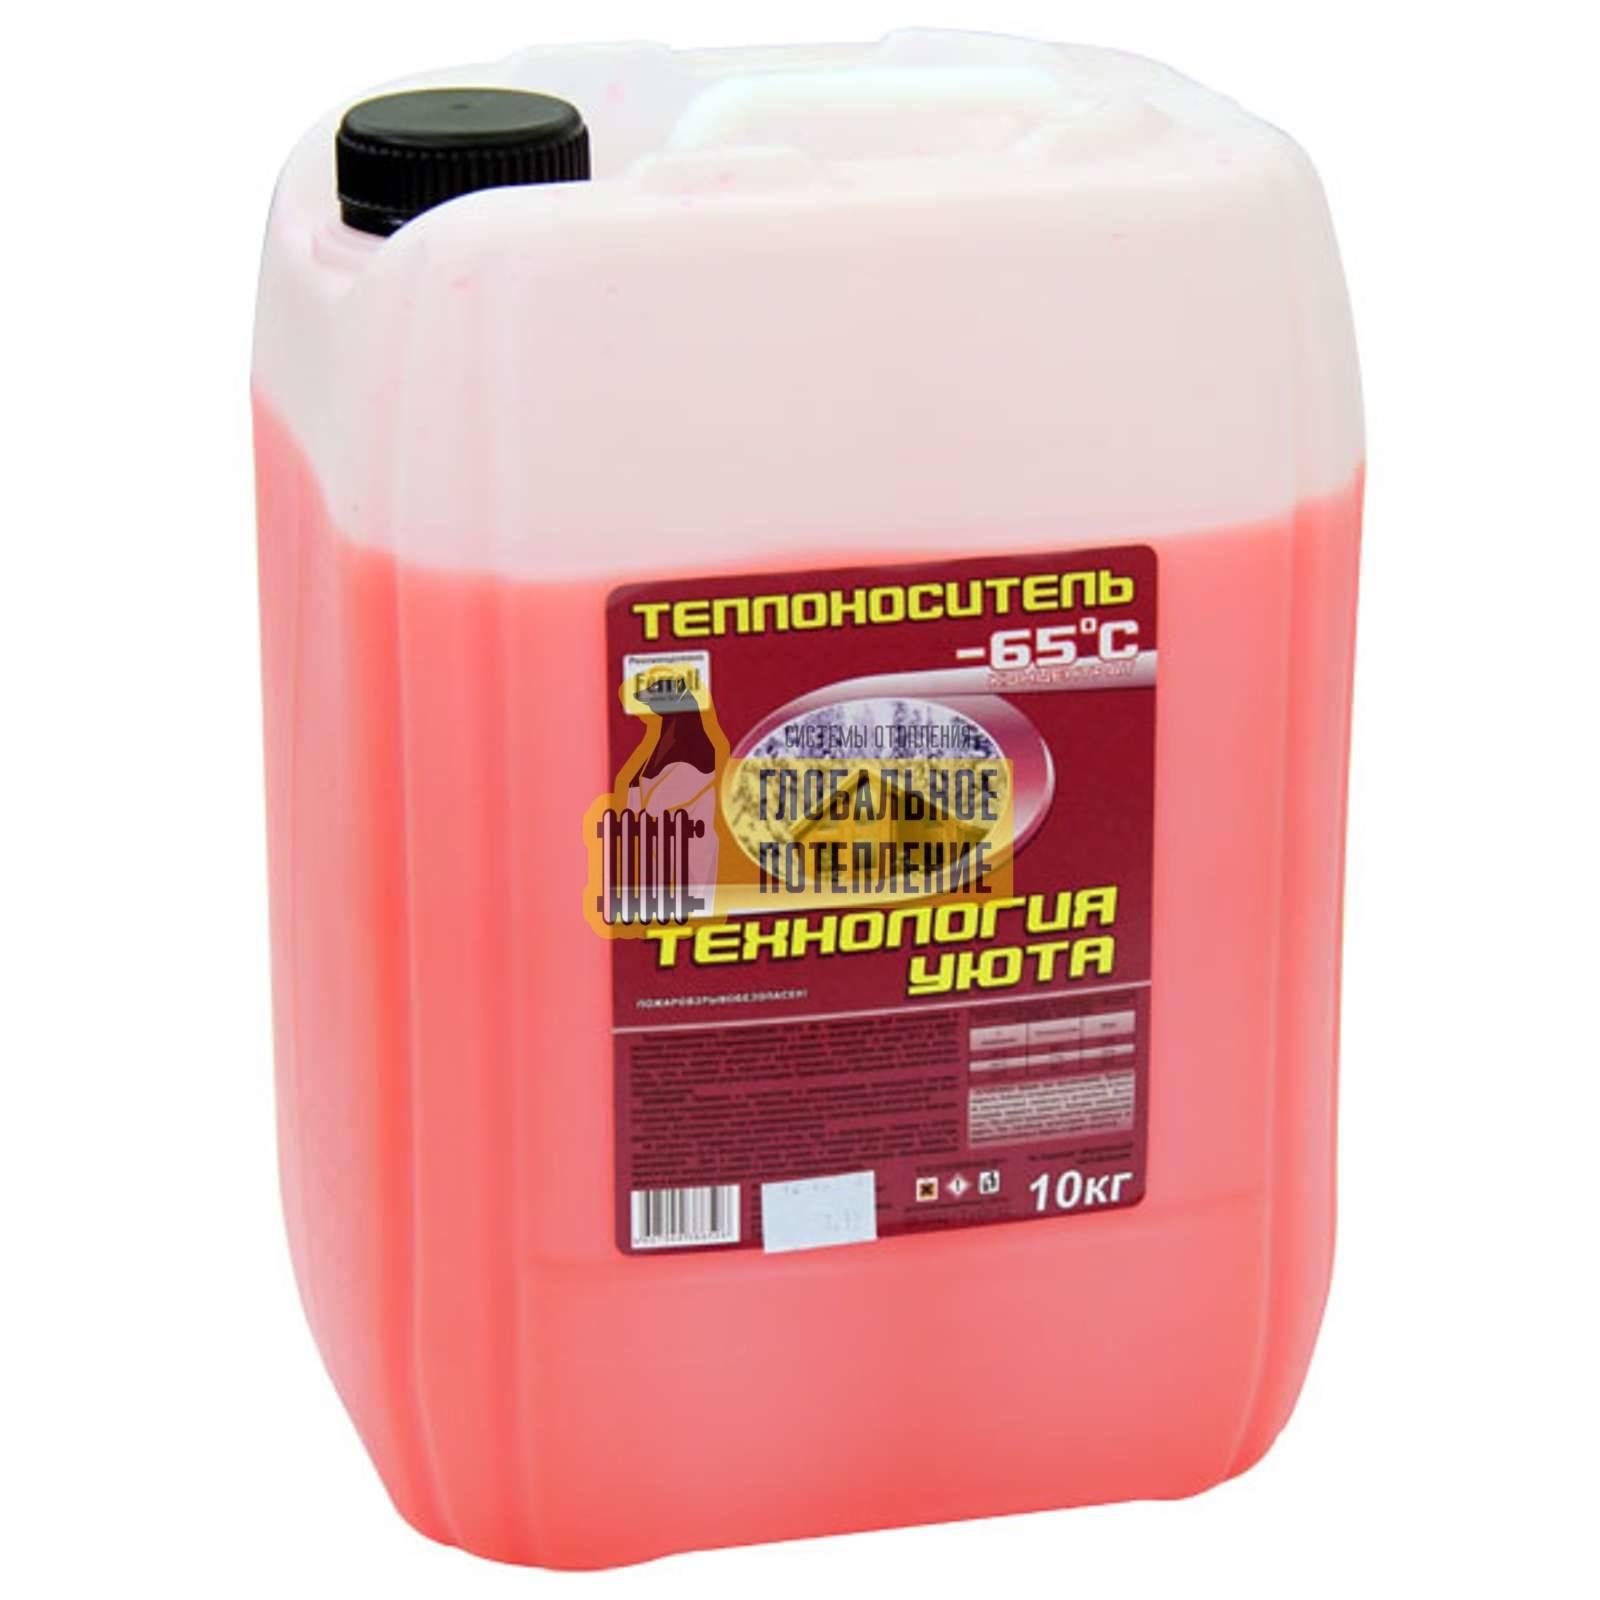 Циркуляционный насос для отопления с антифризом